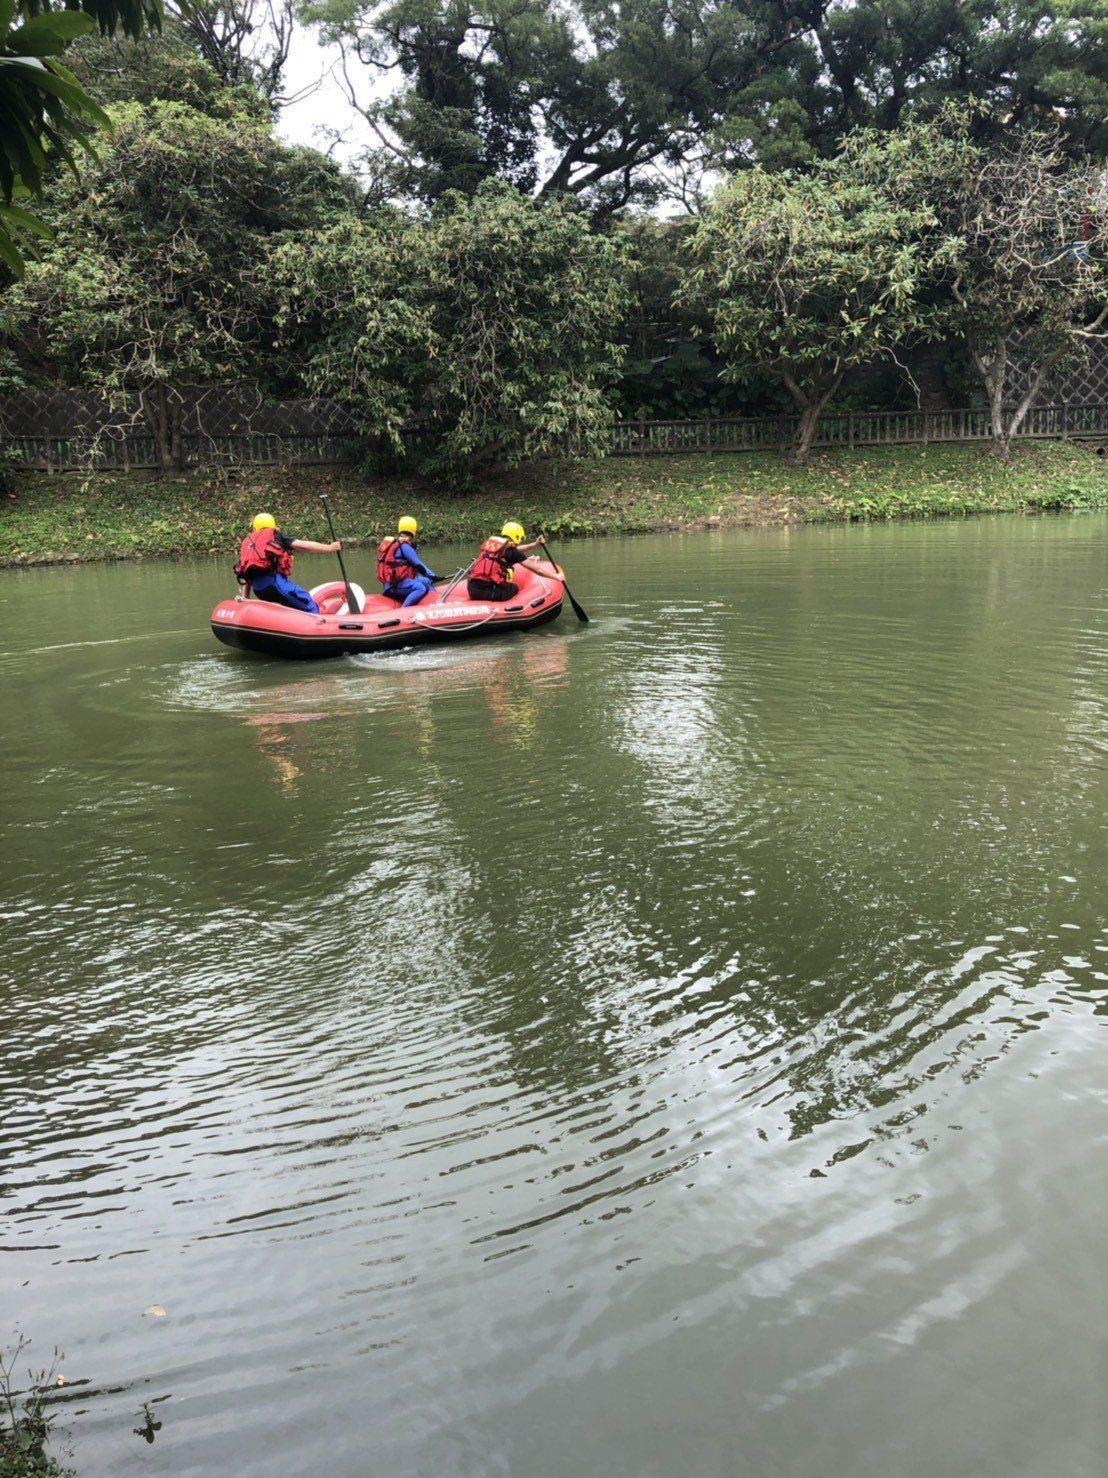 陳姓男子在台北市南港公園水池溺水,被救起送醫已無生命跡象。記者李奕昕/翻攝